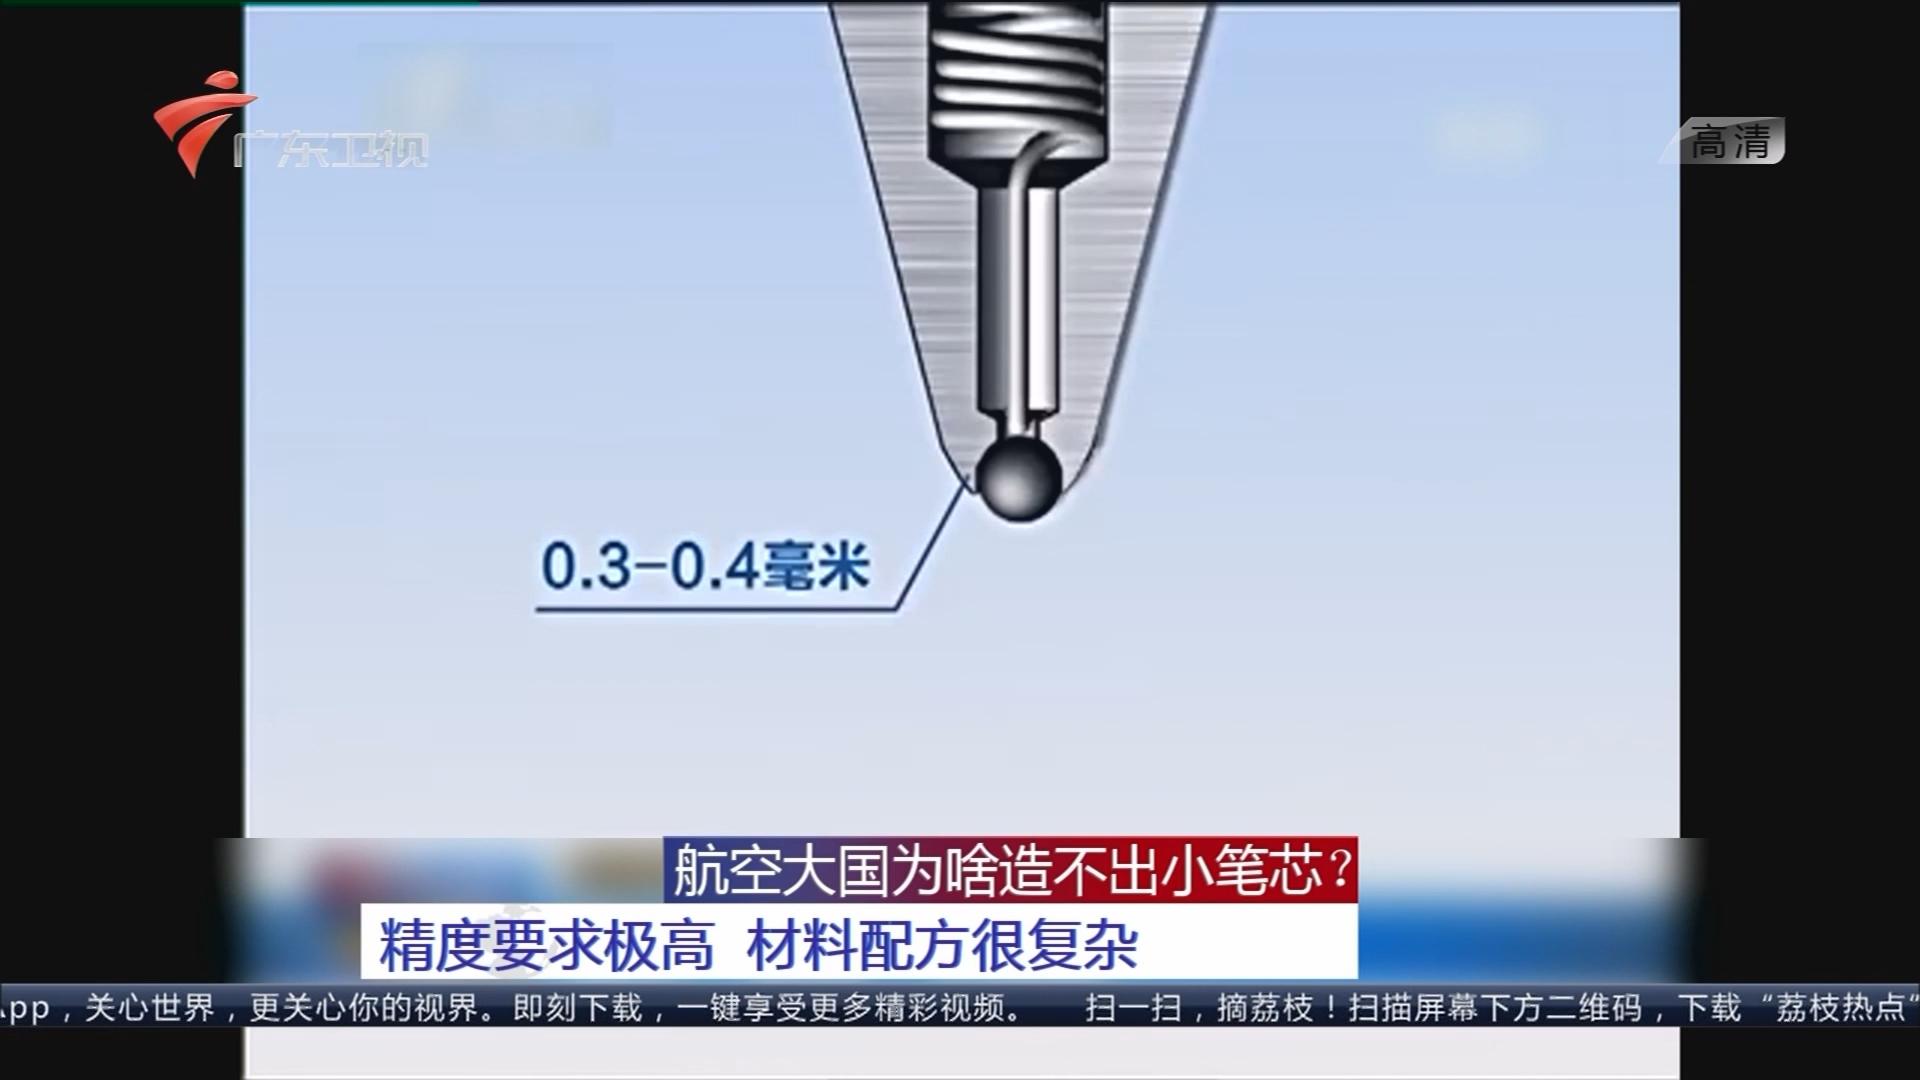 航空大国为啥造不出小笔芯? 精度要求极高 材料配方很复杂